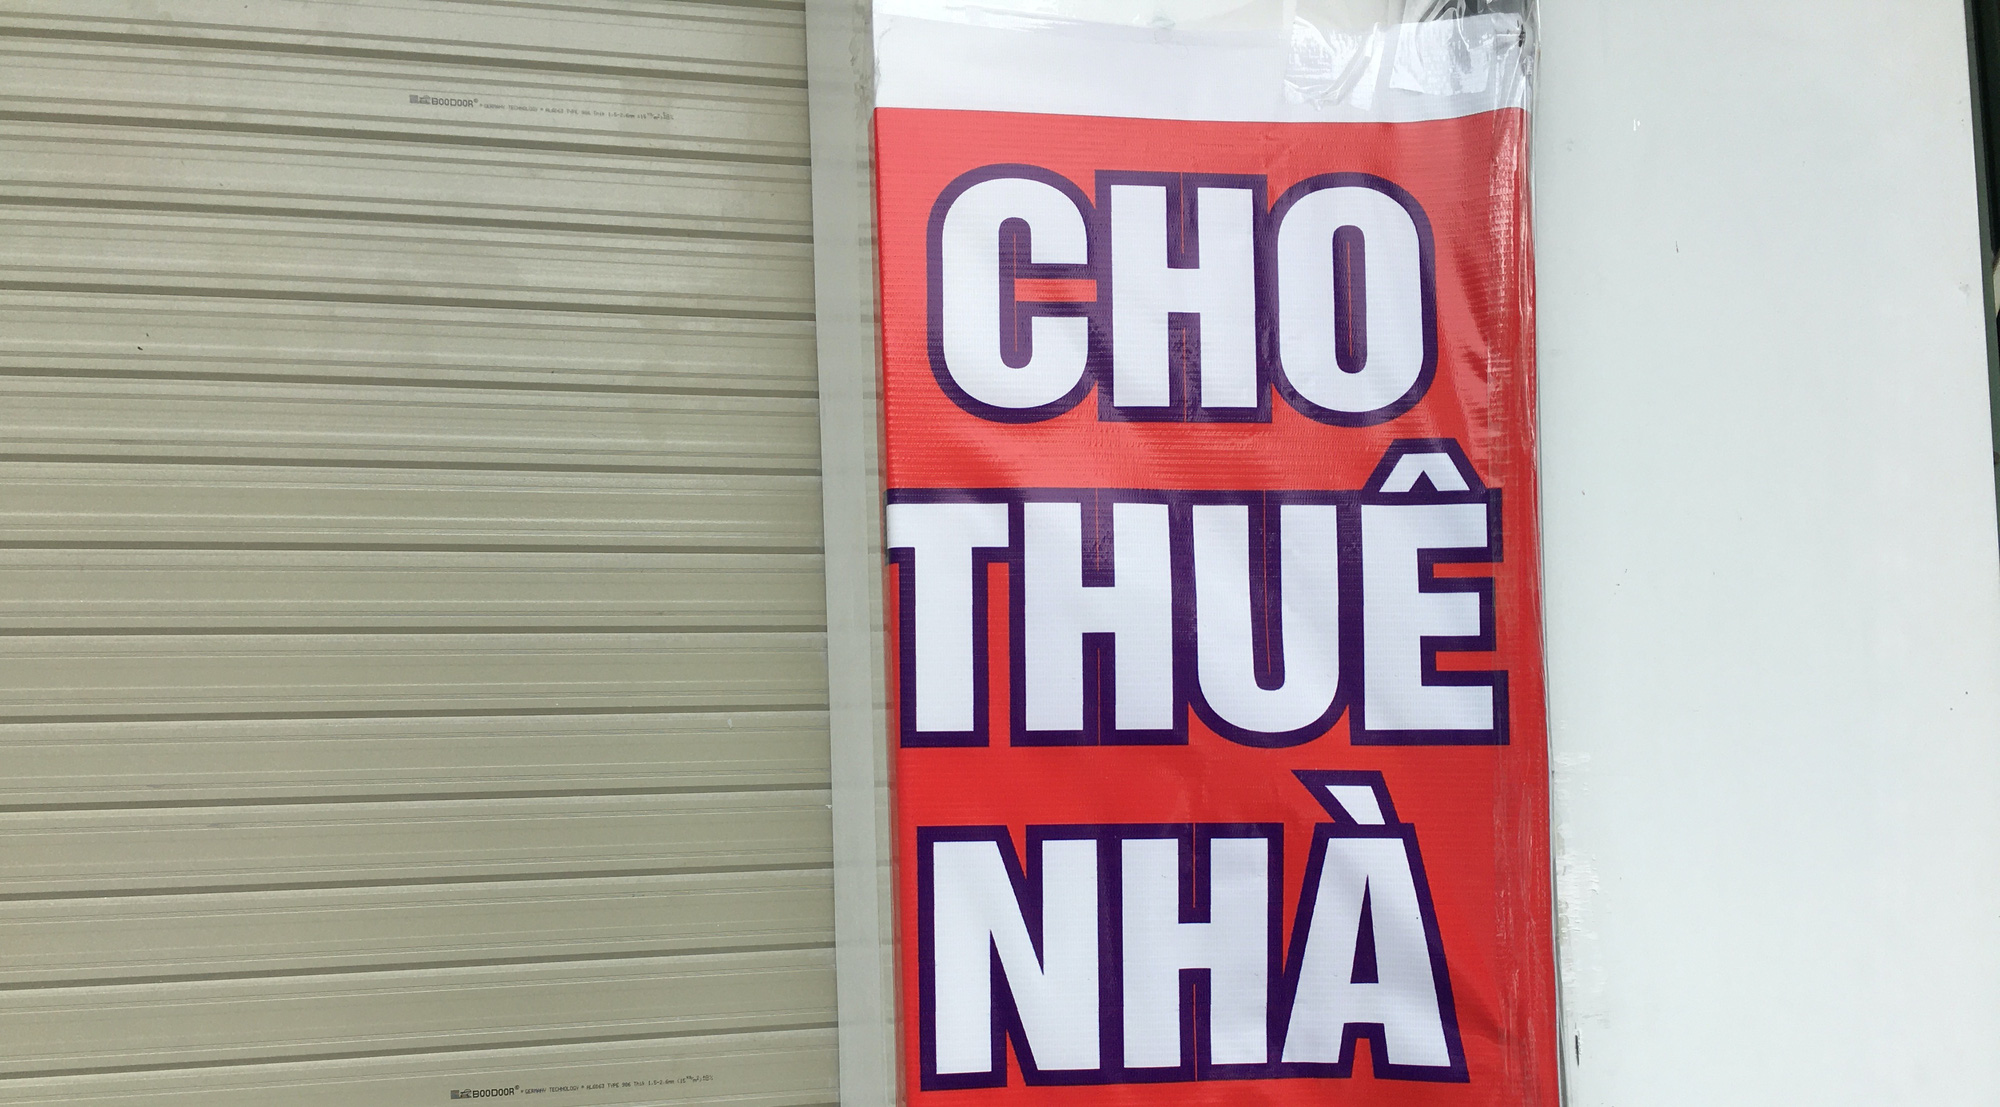 Giá mặt bằng, văn phòng cho thuê ở Đà Nẵng giảm sâu nhưng ít người quan tâm - Ảnh 1.